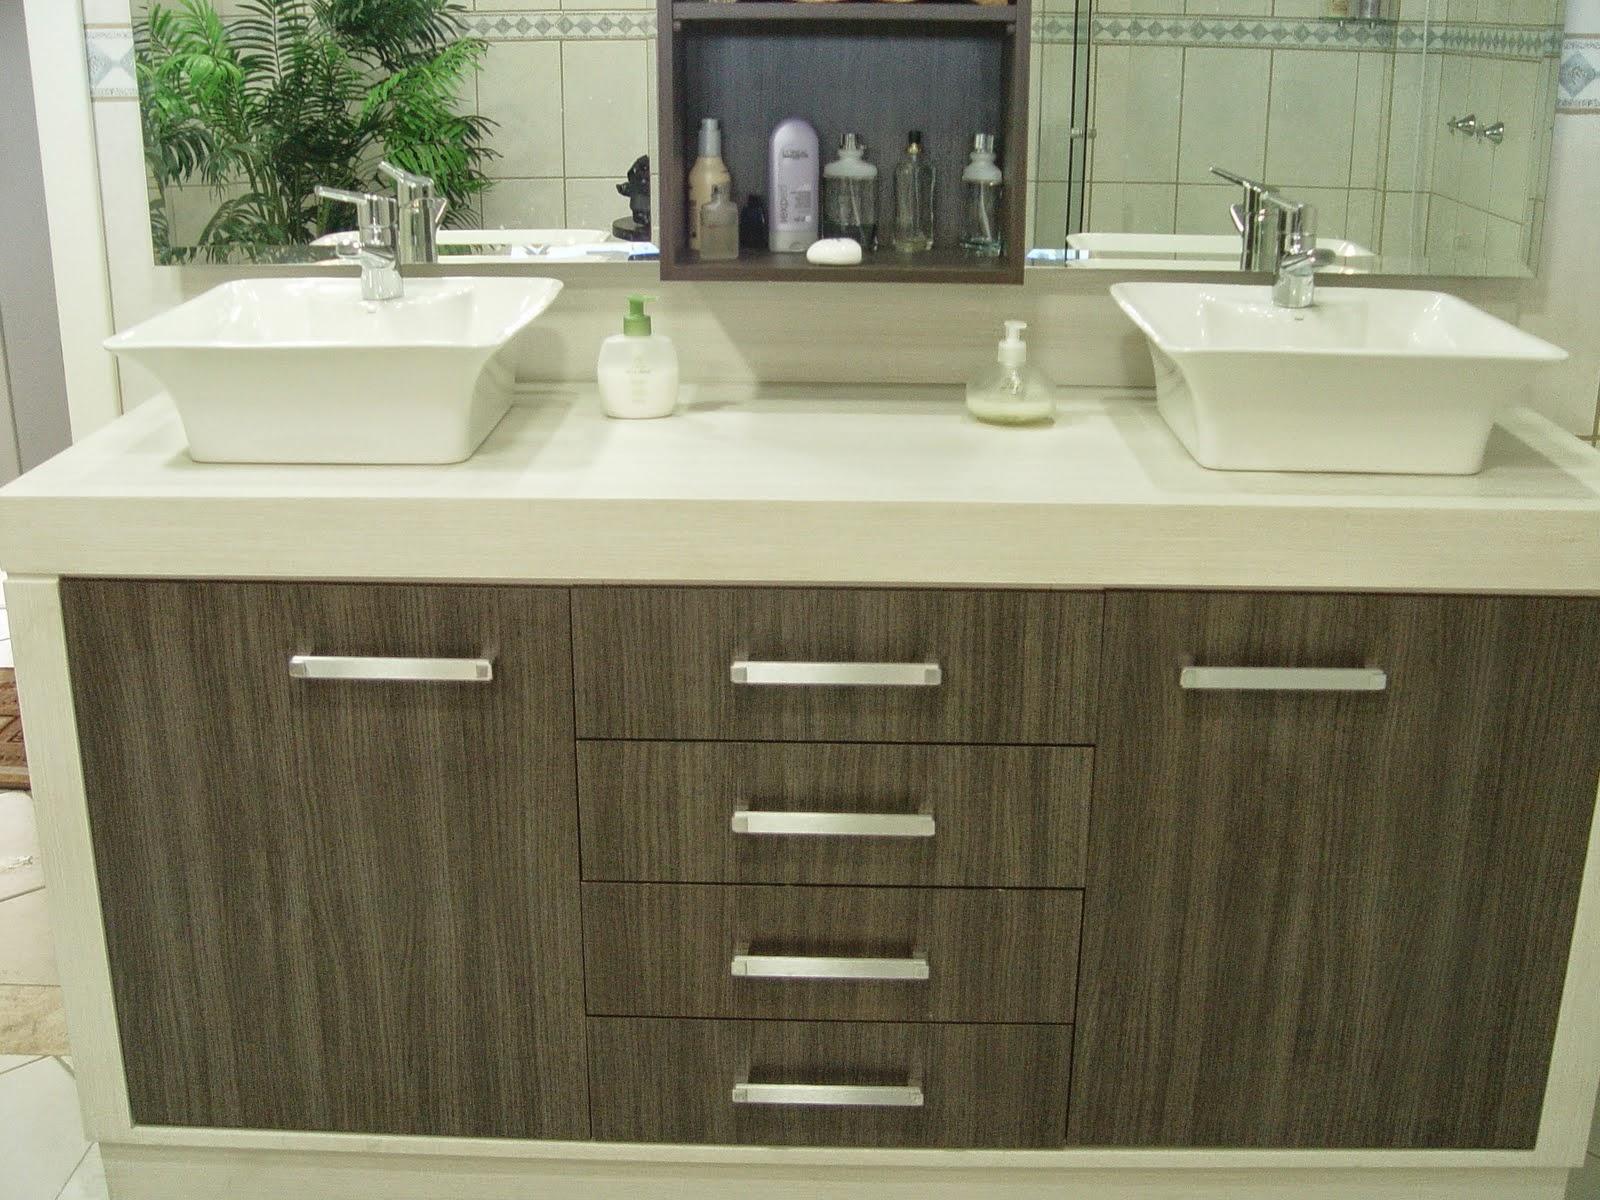 MC moveis planejados.: Balcão para banheiro sob medida. #486439 1600x1200 Balcão De Banheiro Com Porcelanato